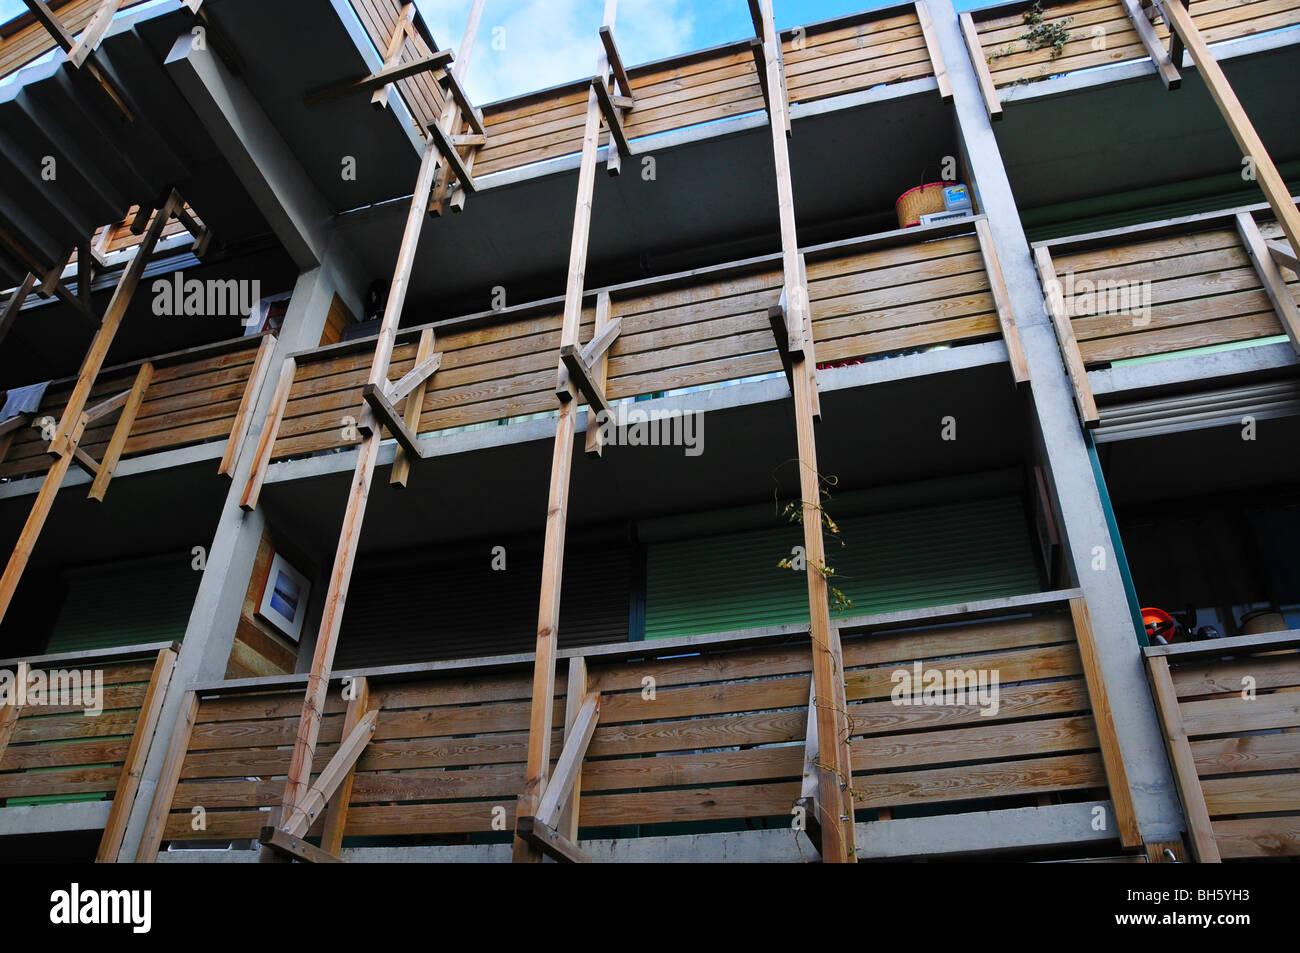 Villa des vignoles eden bio public housing Paris France - Stock Image